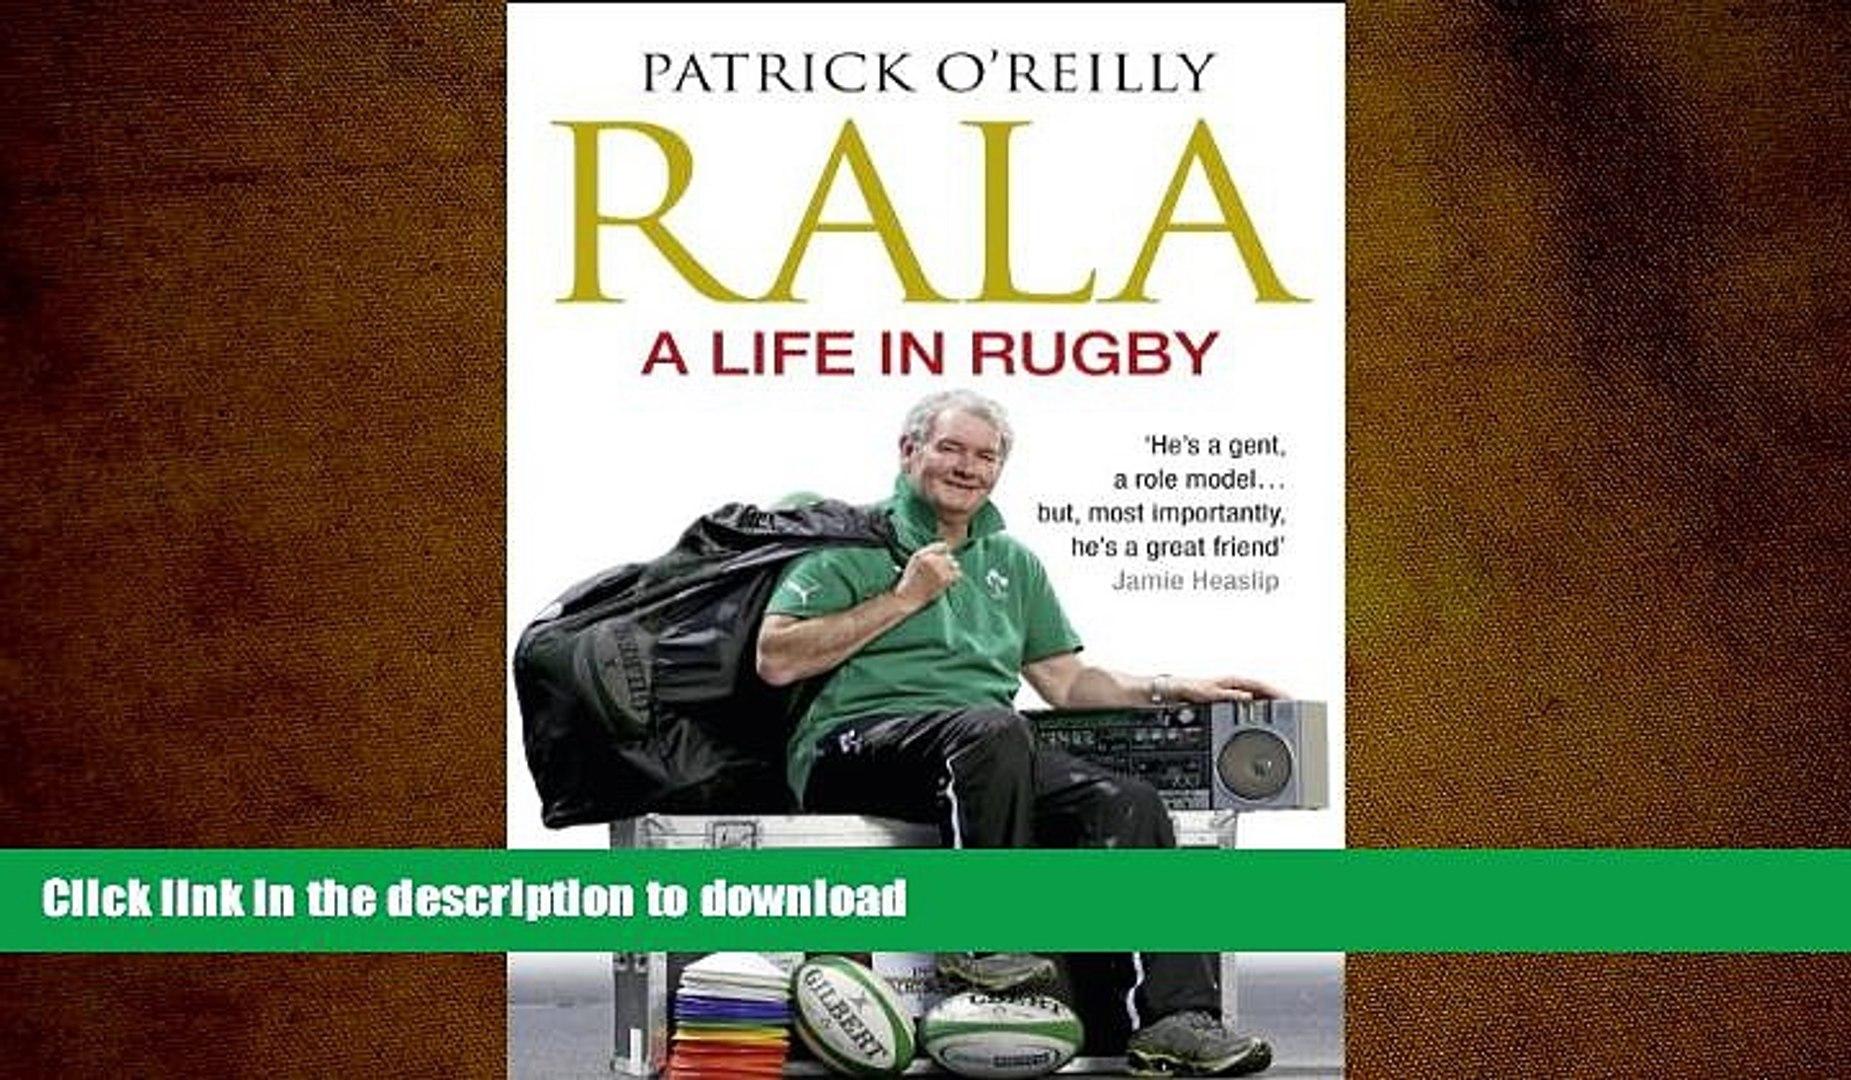 Epub Rala: A Life in Rugby Kindle eBooks